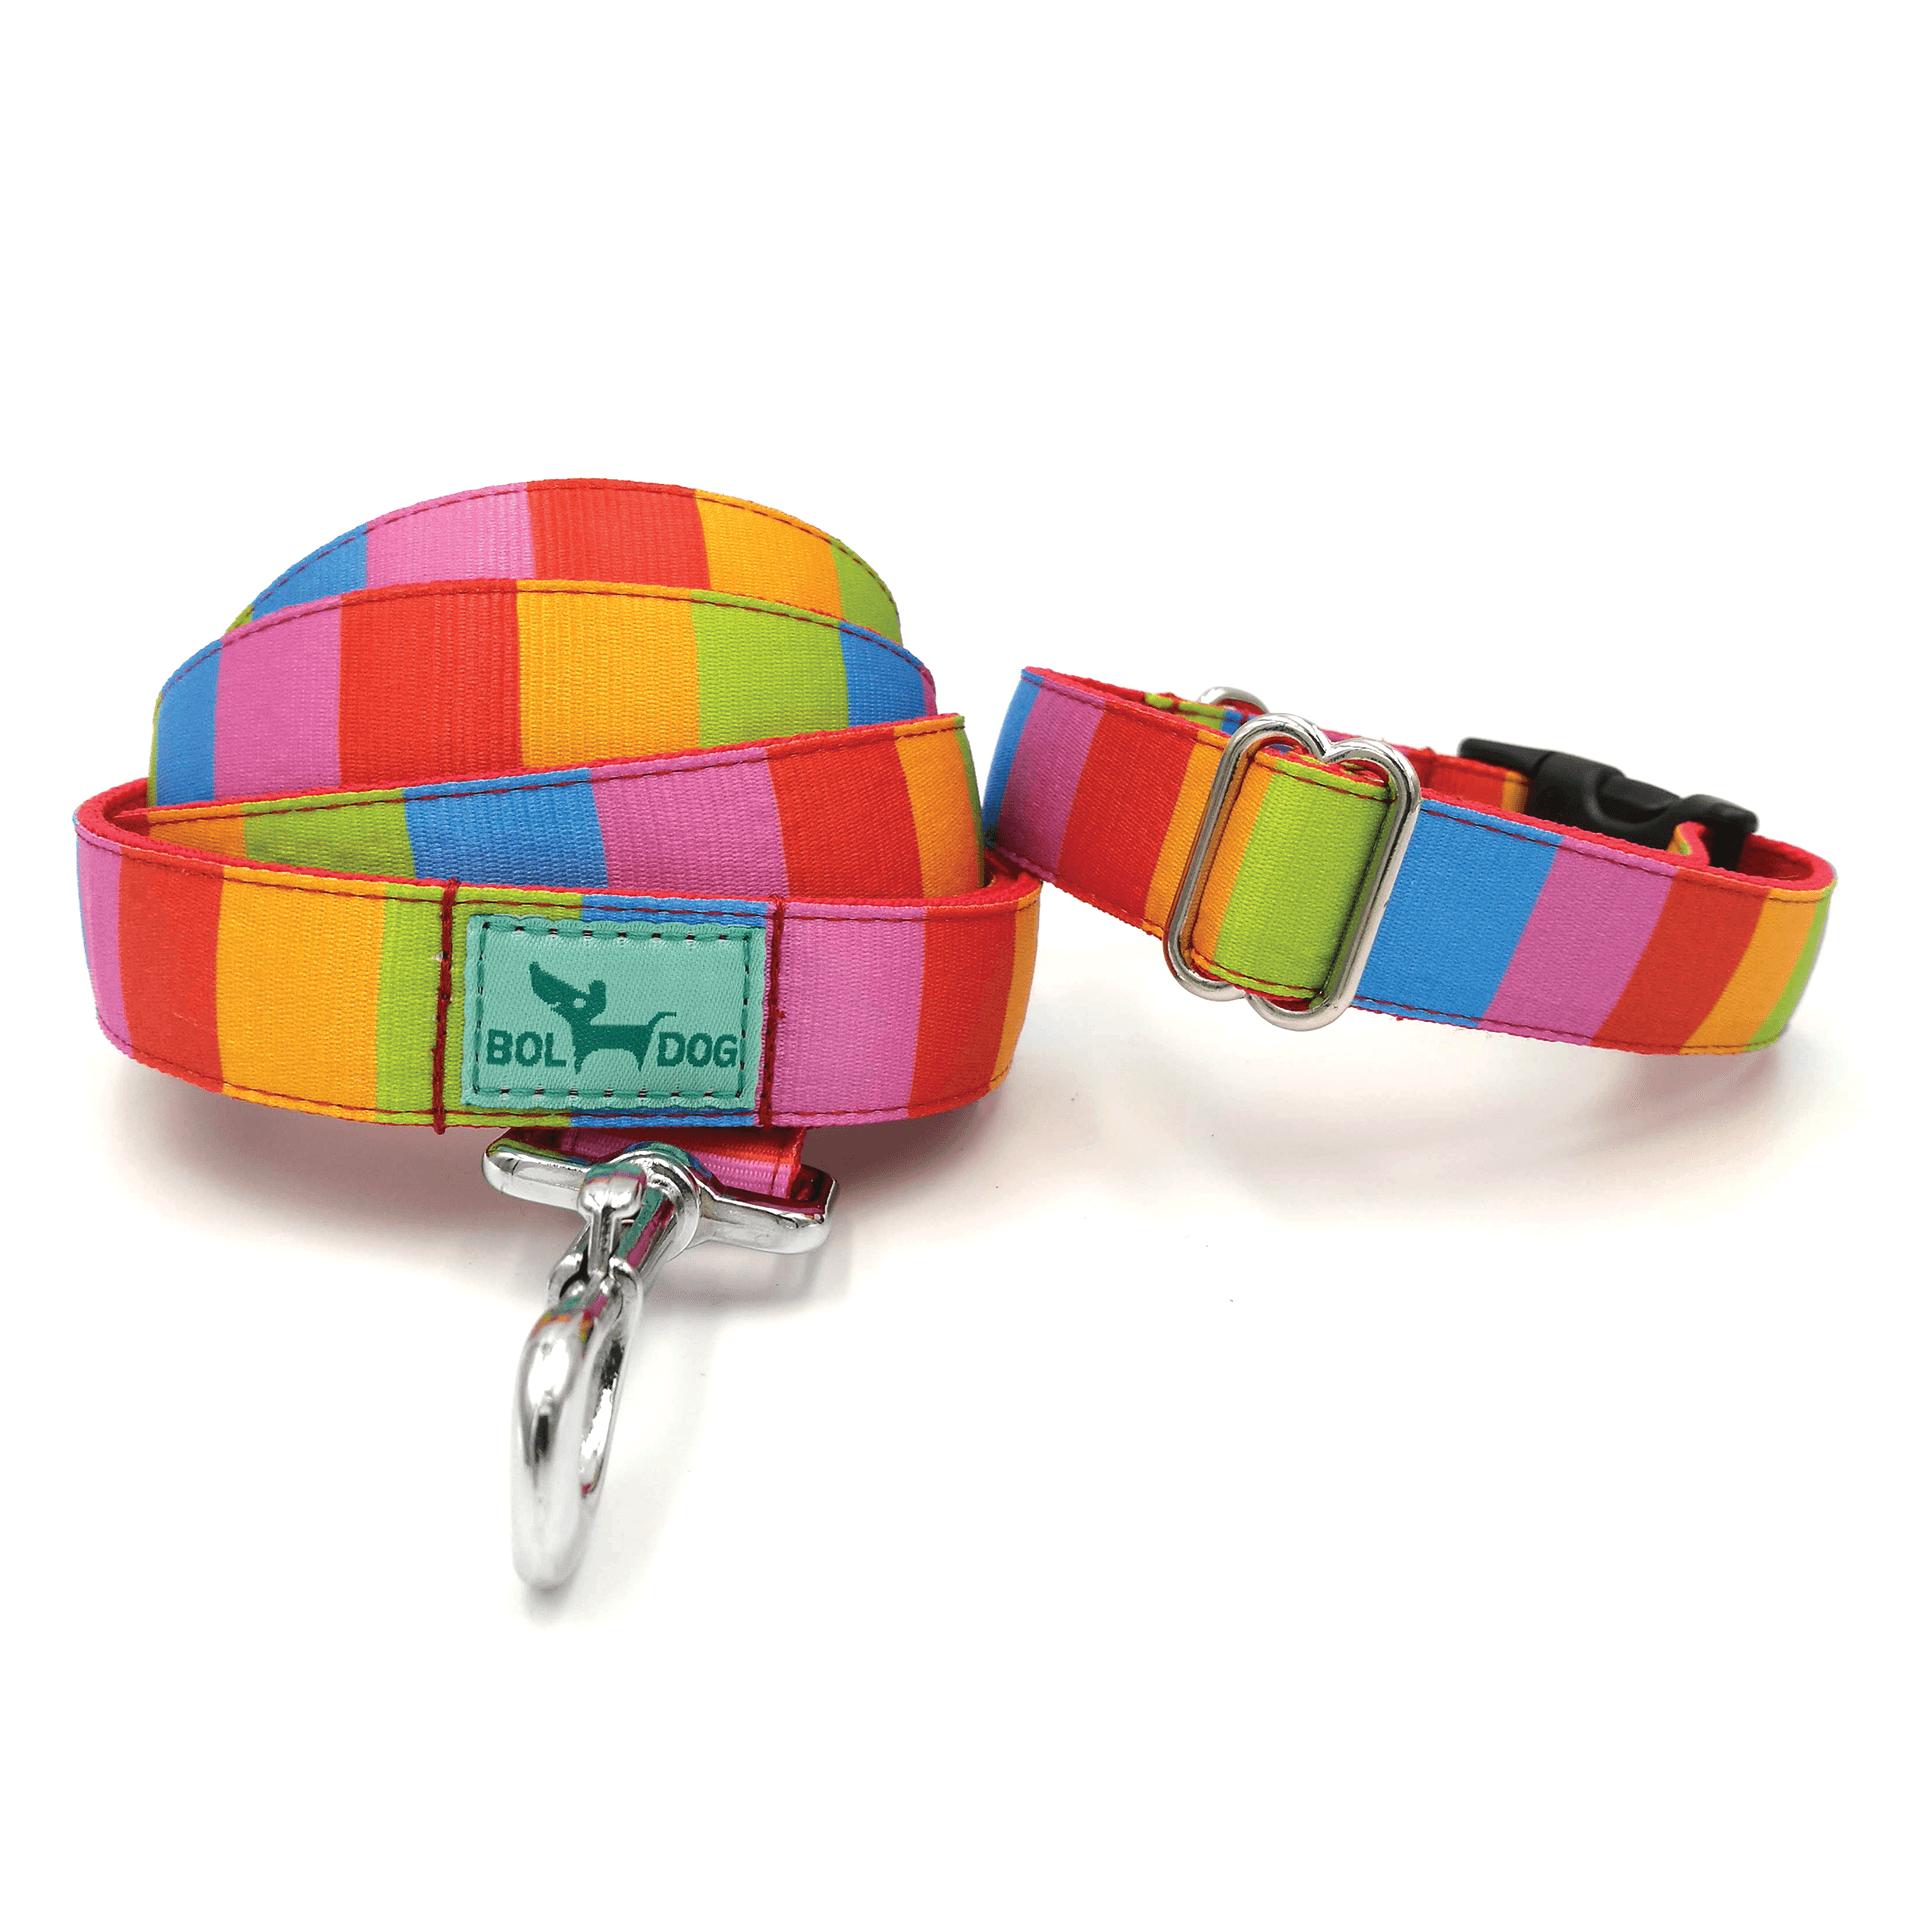 színes csíkos textil kutya nyakörv és póráz szett